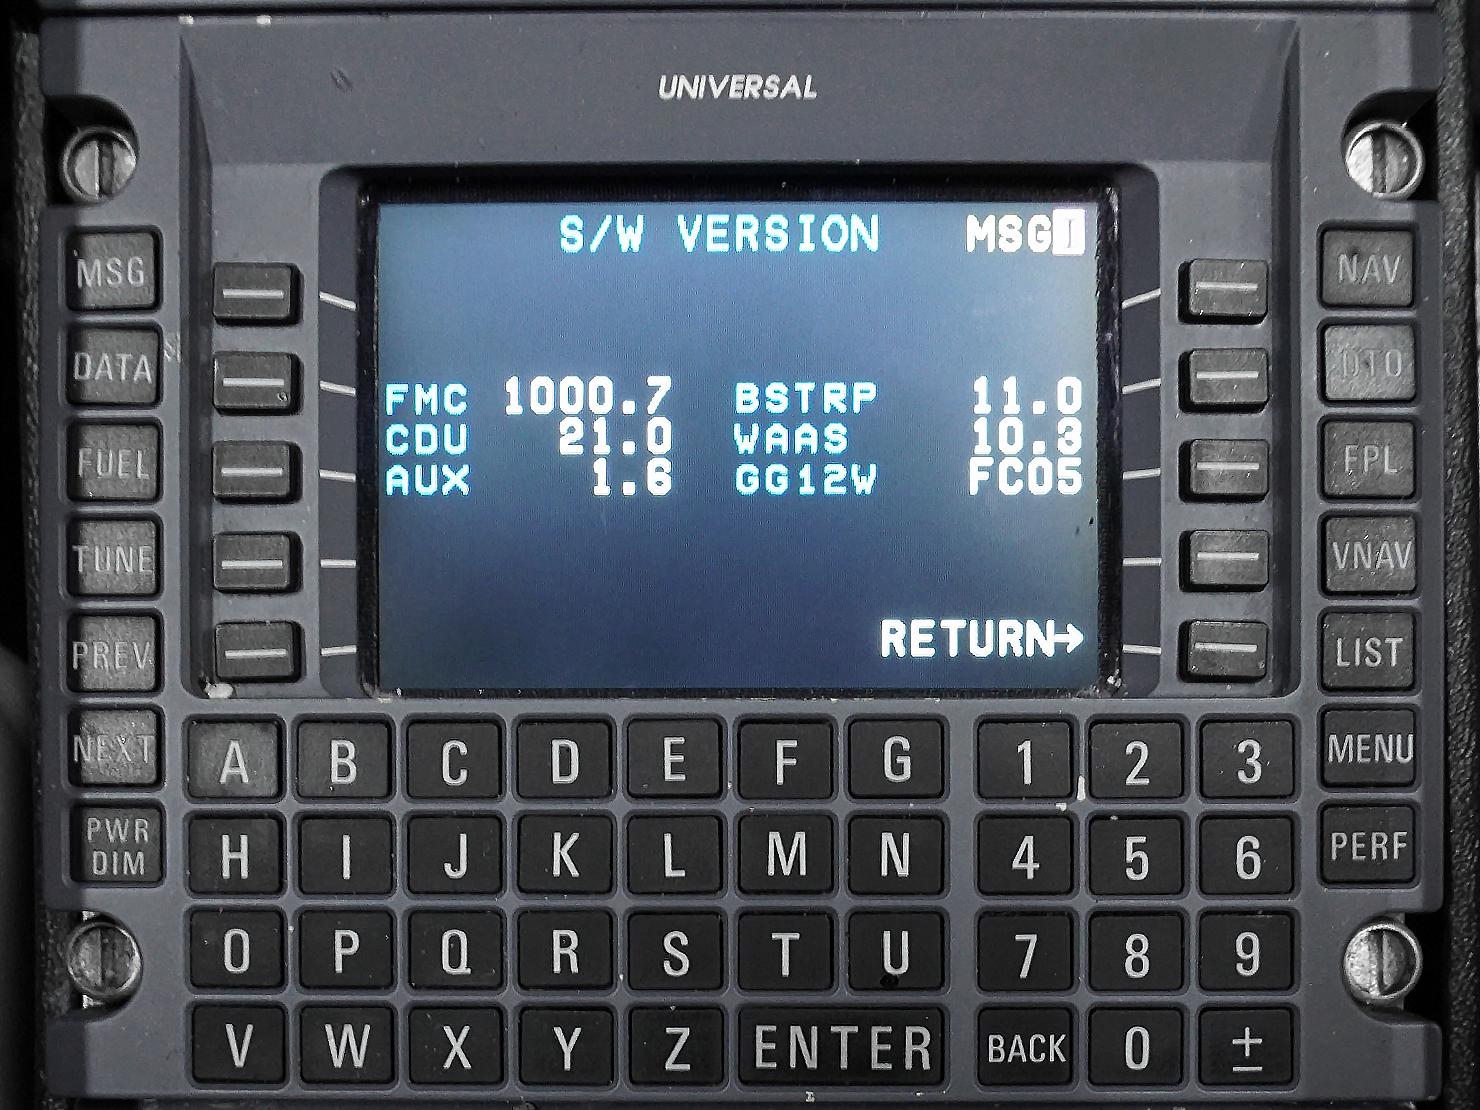 Old SCN S/W Version number (Pre-Mod)